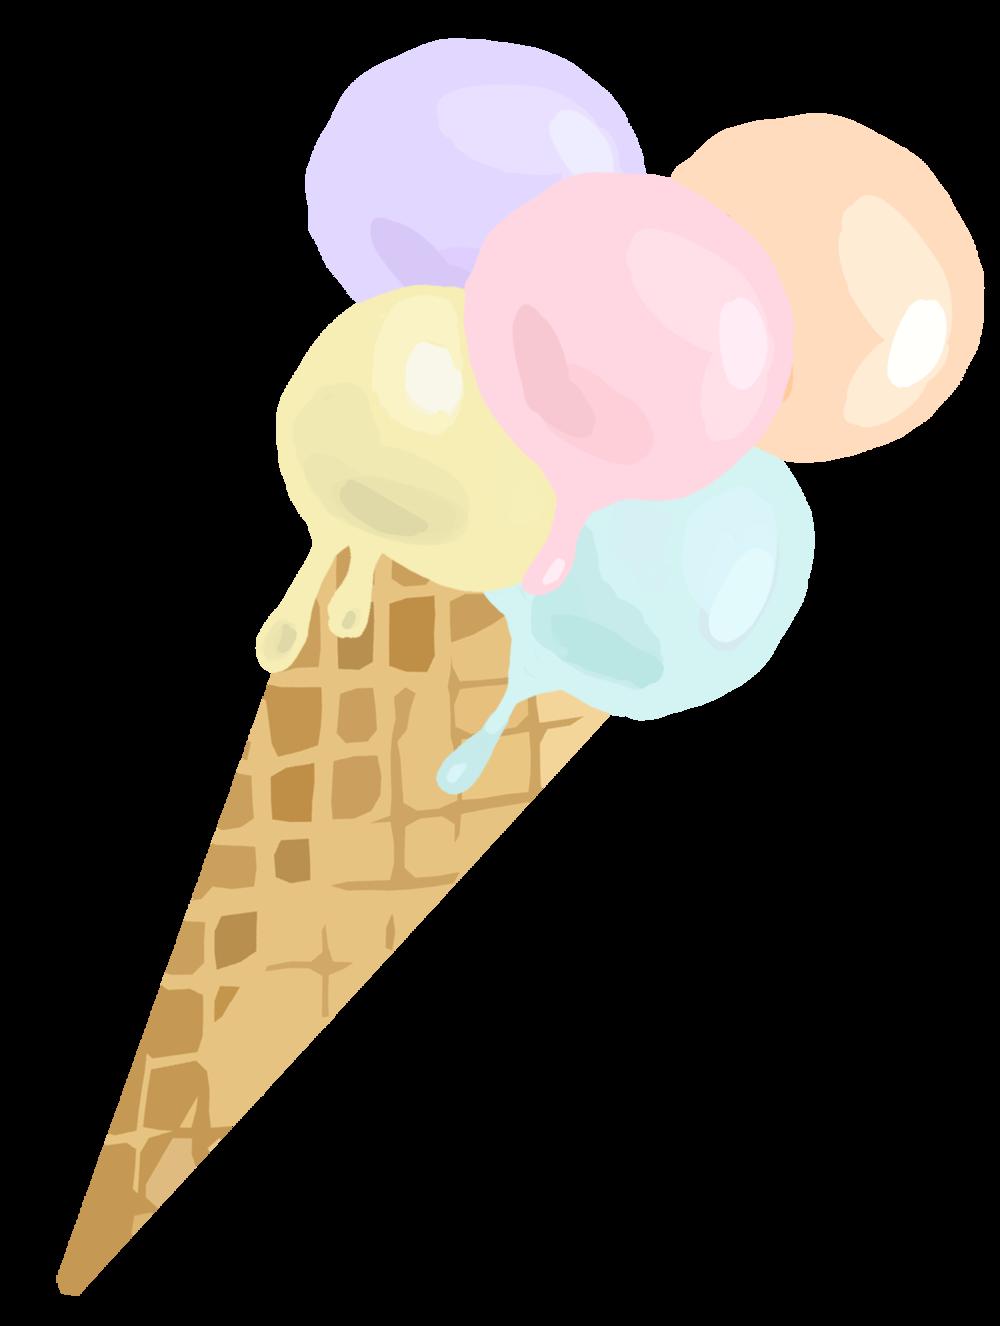 FORTINI'S review: Congratulations! You've got 5 gelato! Awesome! You're the best! - Николь и Лео оценили аквапарк Cavour высшим баллом. Ухоженная территория, песок на дне бассейнов и уютный пляж - рецепт замечательного летнего дня.